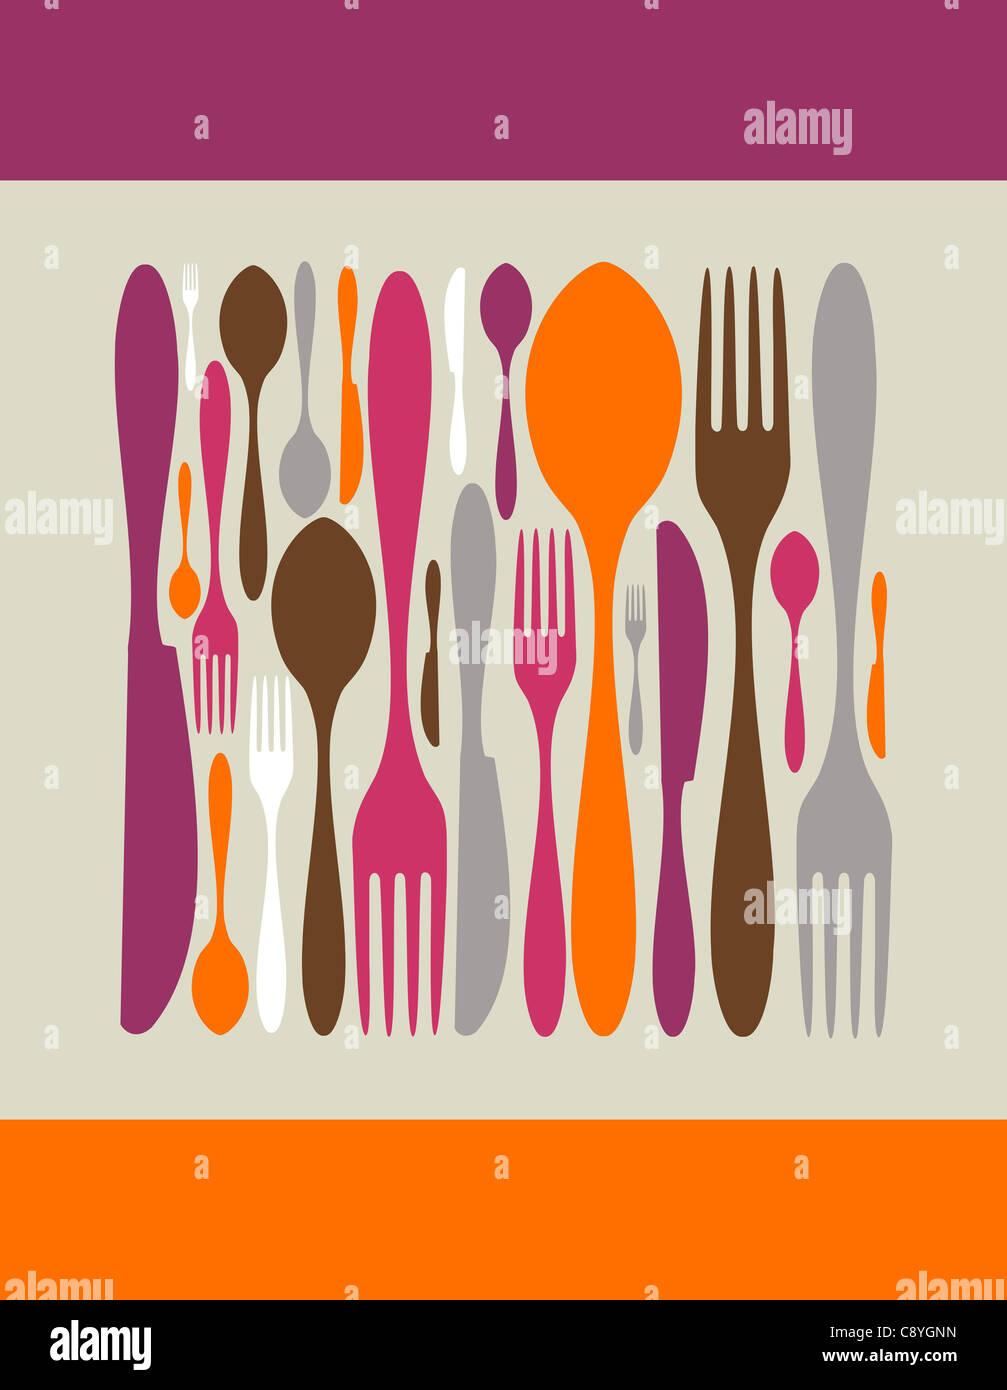 Hecha por iconos cuadrados cubiertos. Tenedor, cuchara y cuchillo siluetas en diferentes tamaños y colores. Imagen De Stock